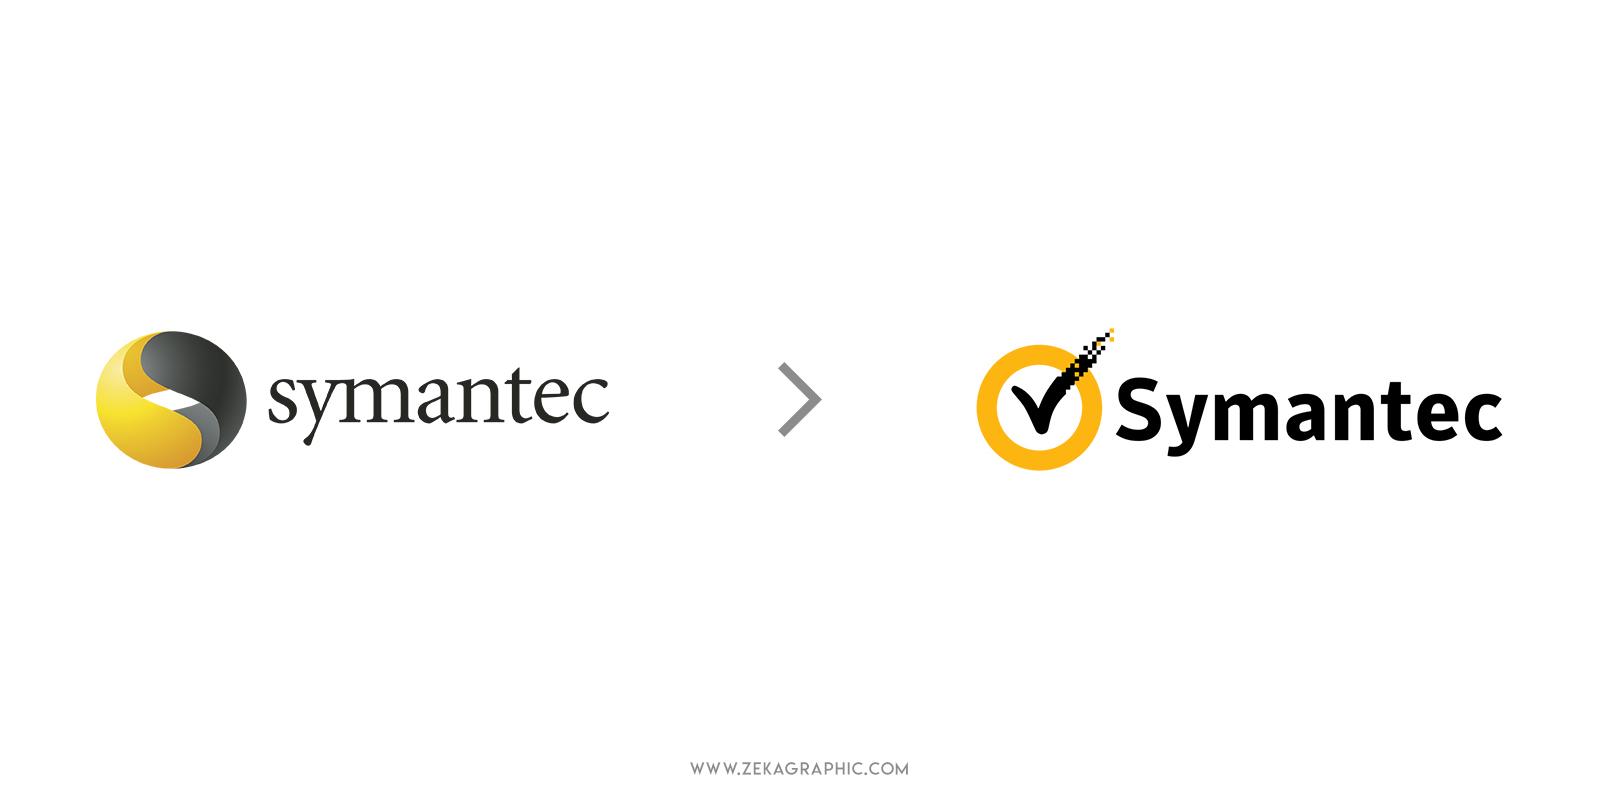 Symantec Logo Redesign Most Expensive Logo Ever